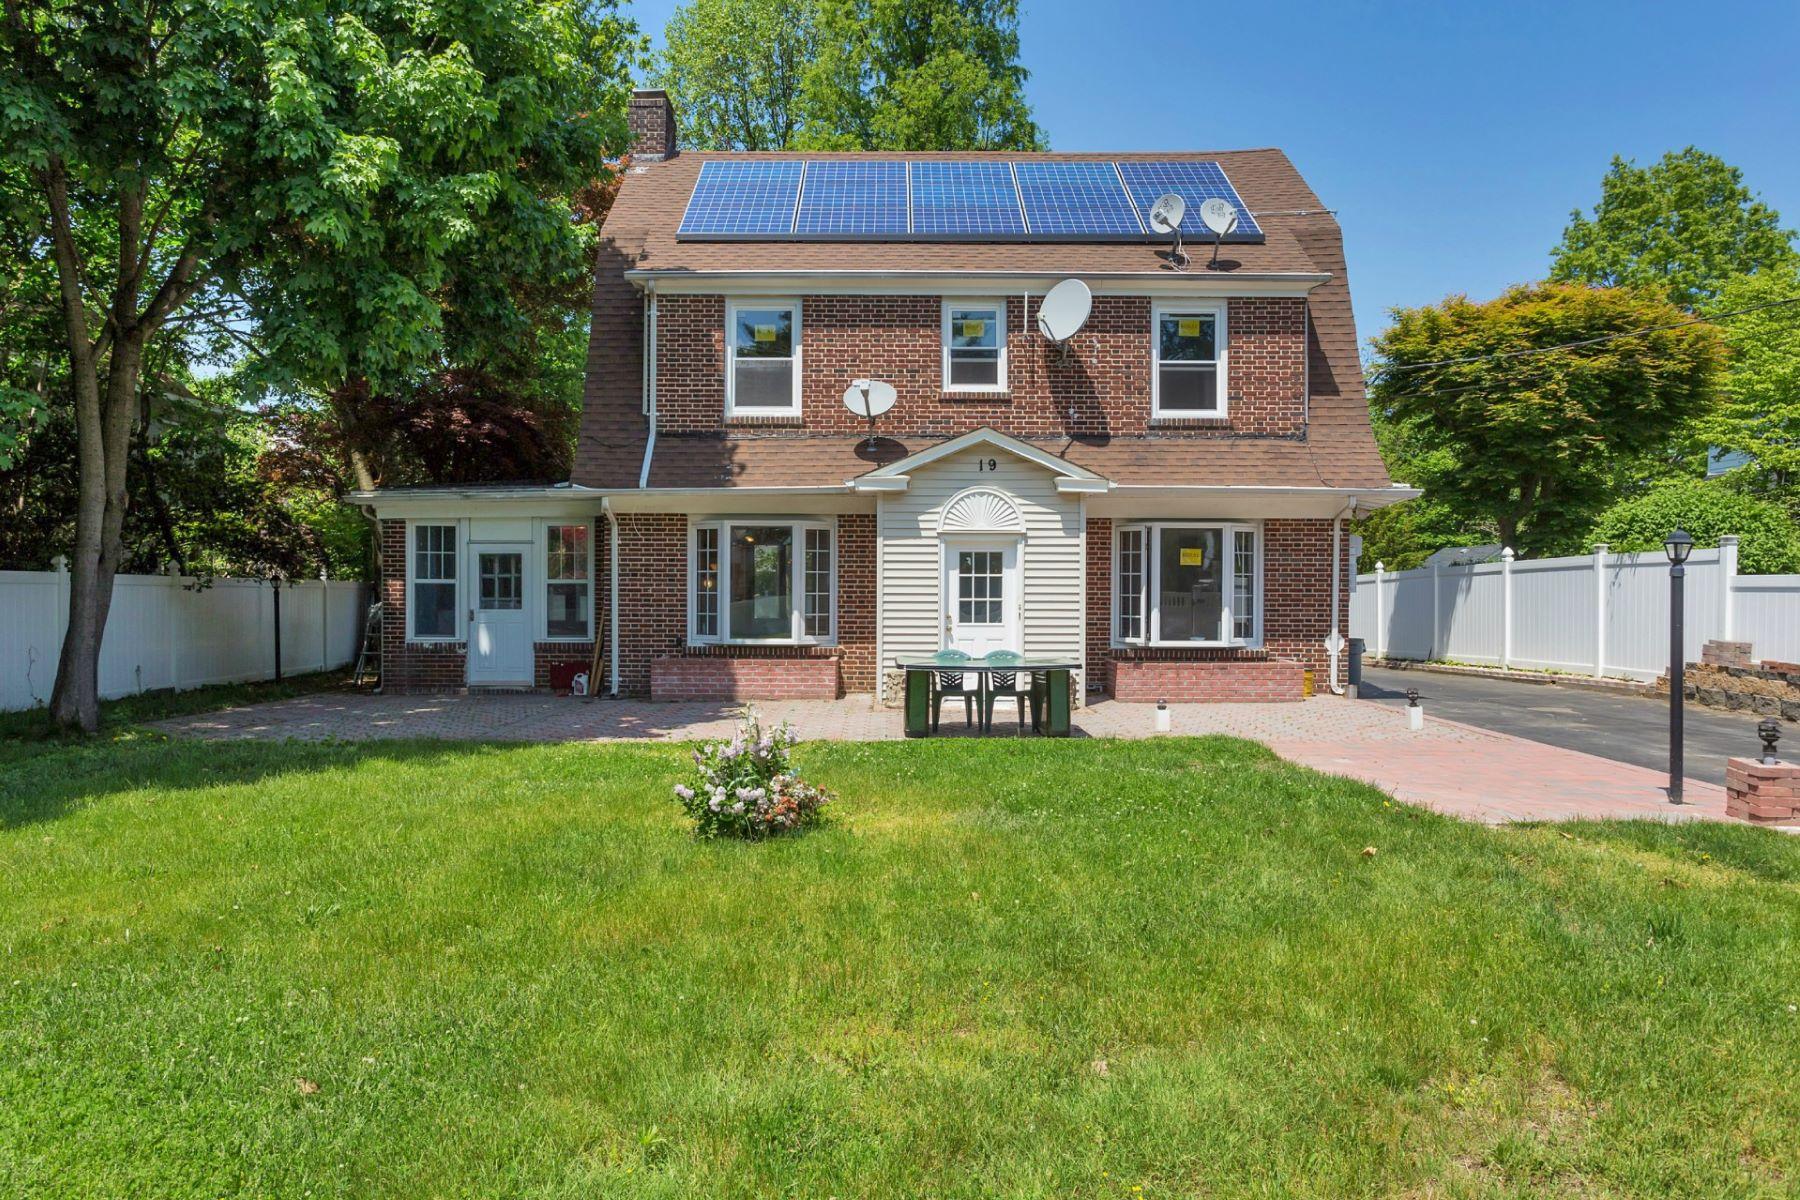 단독 가정 주택 용 매매 에 Colonial 19 Dosoris Way Glen Cove, 뉴욕, 11542 미국